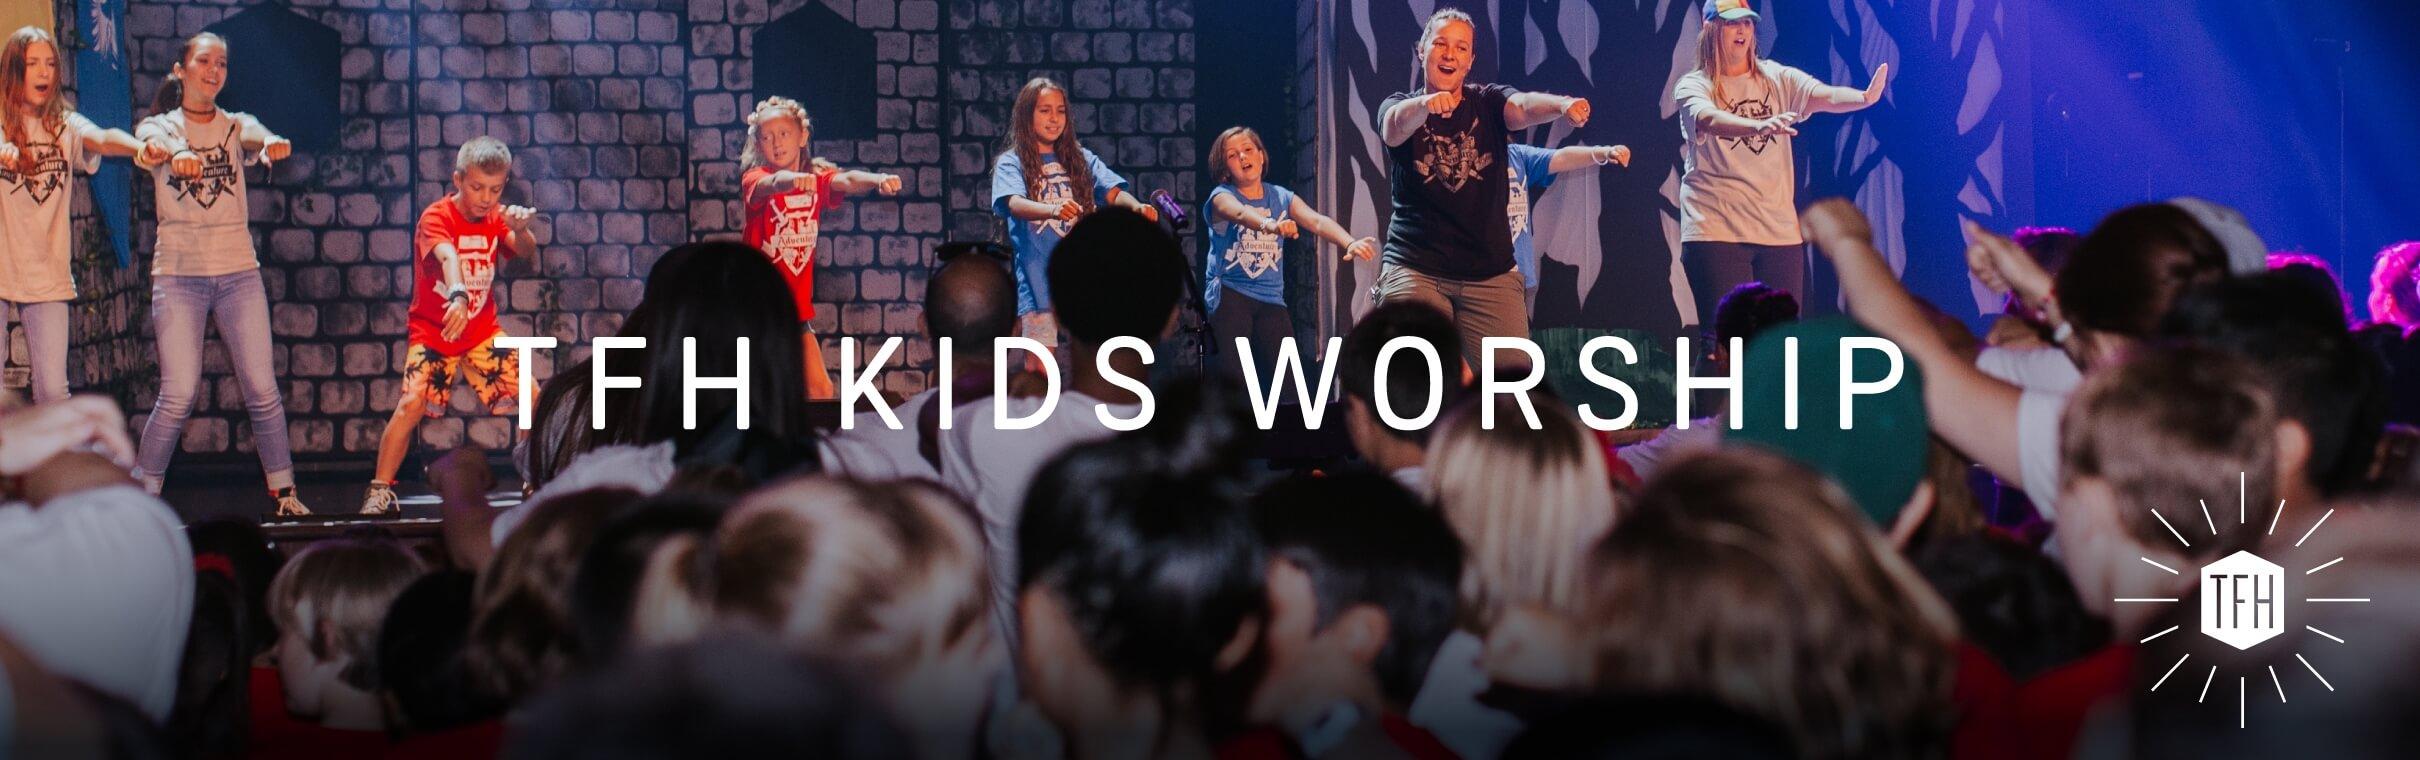 TFH Kids' Worship